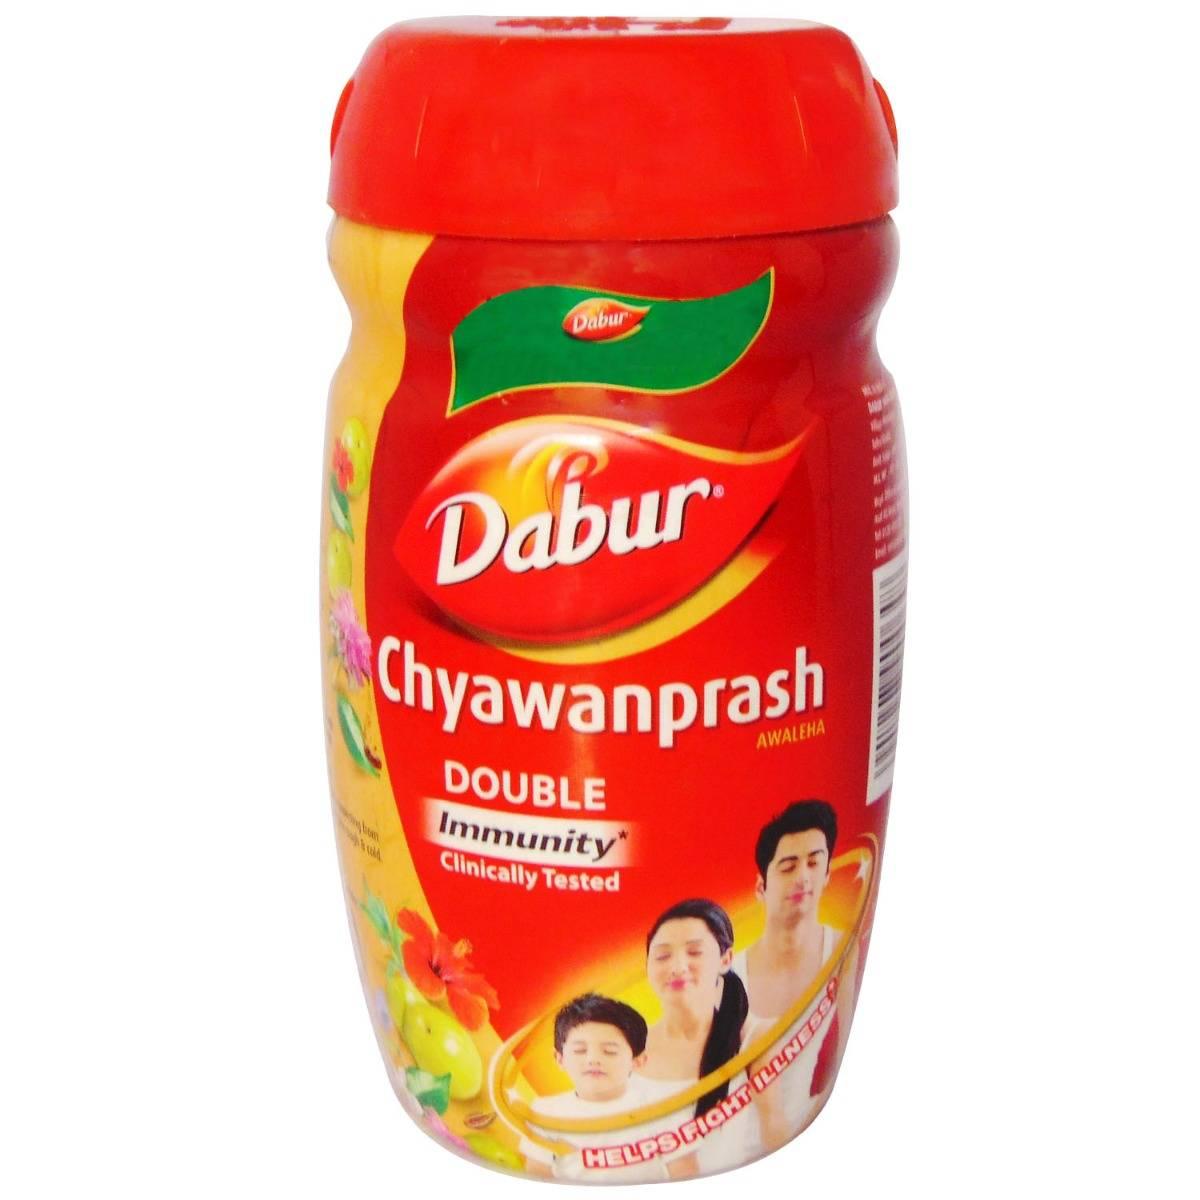 Dabur Chyawanprash Awaleha, 1 Kg